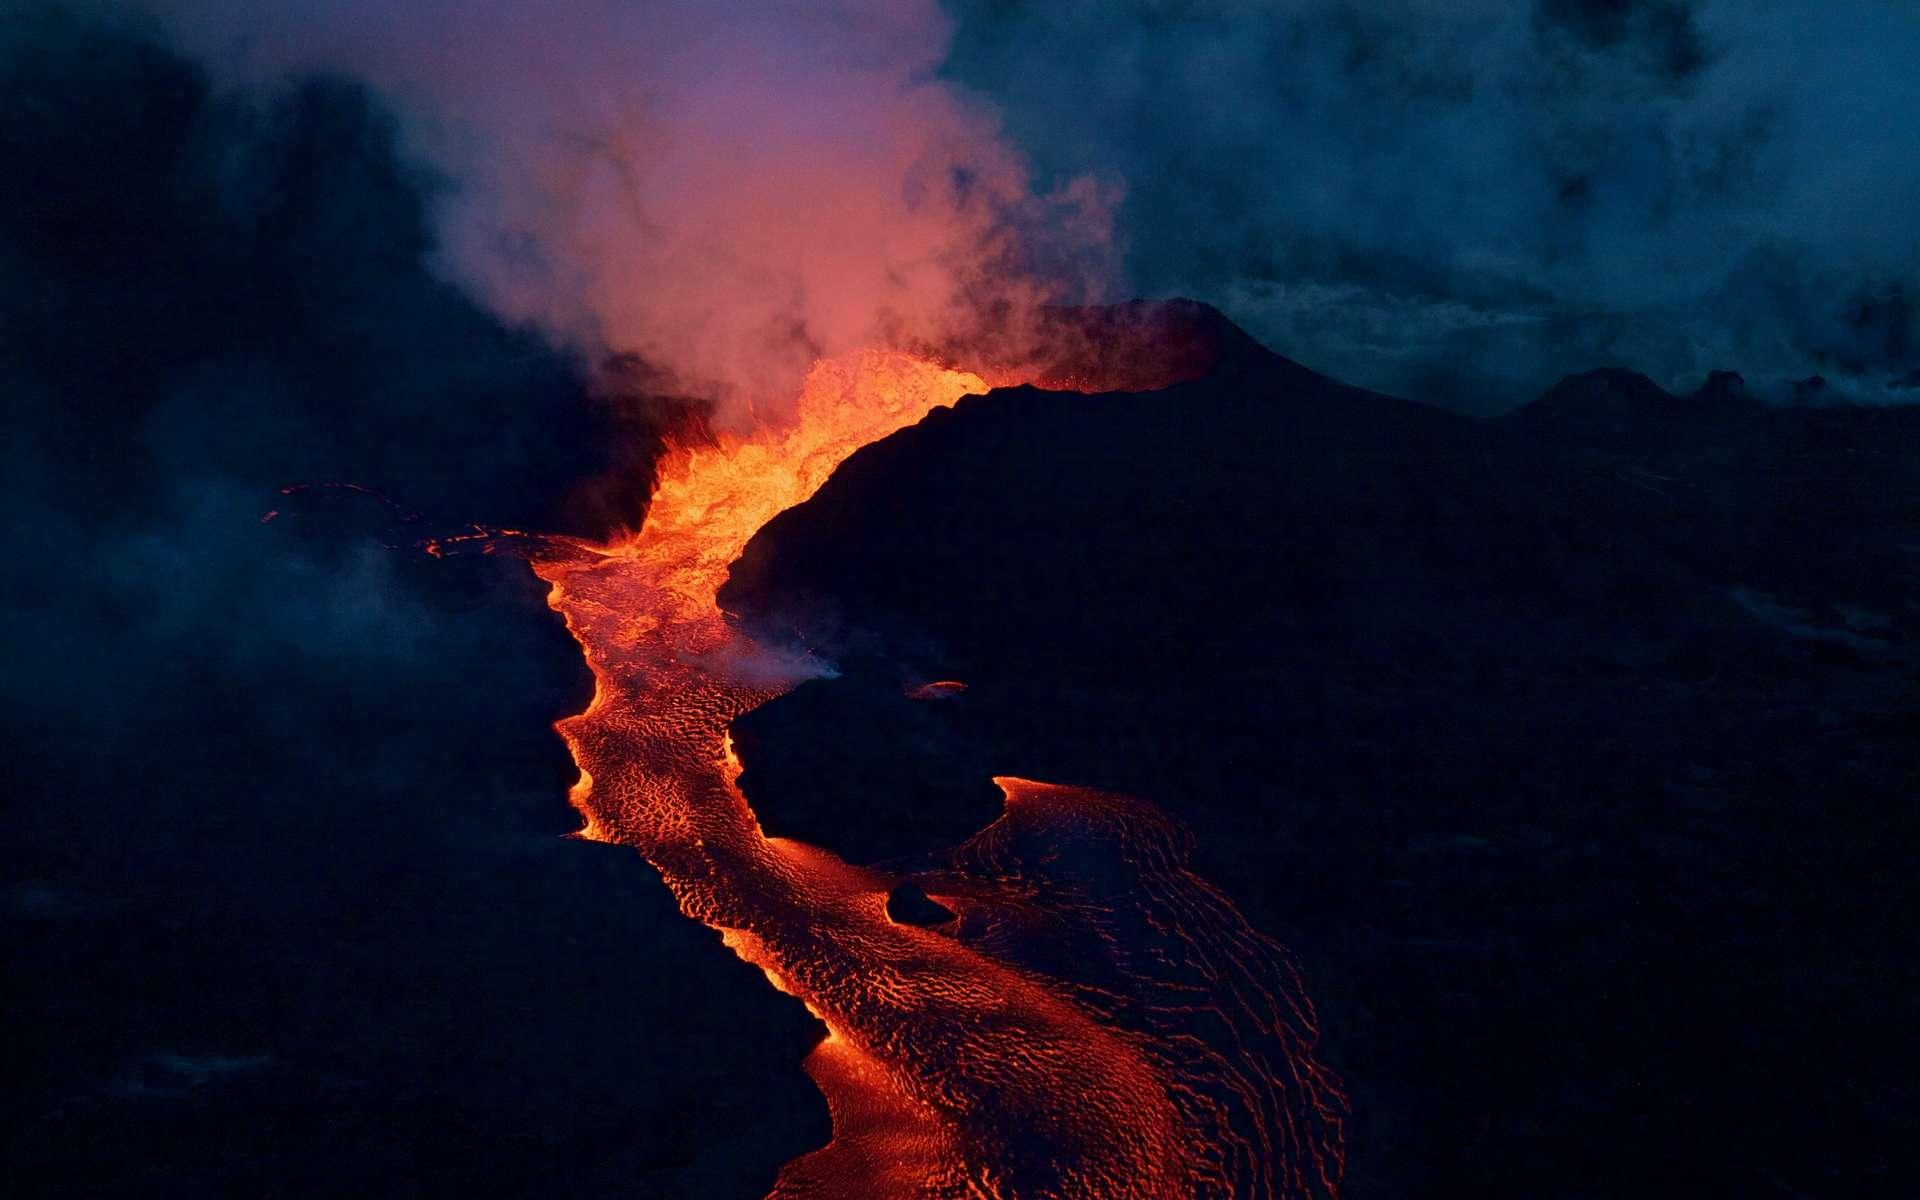 Le cône de la Fissure 8 du Kilauea en éruption, tôt le matin du 28 juin 2018, dans la zone du Rift inférieur Est. © USGS, DP